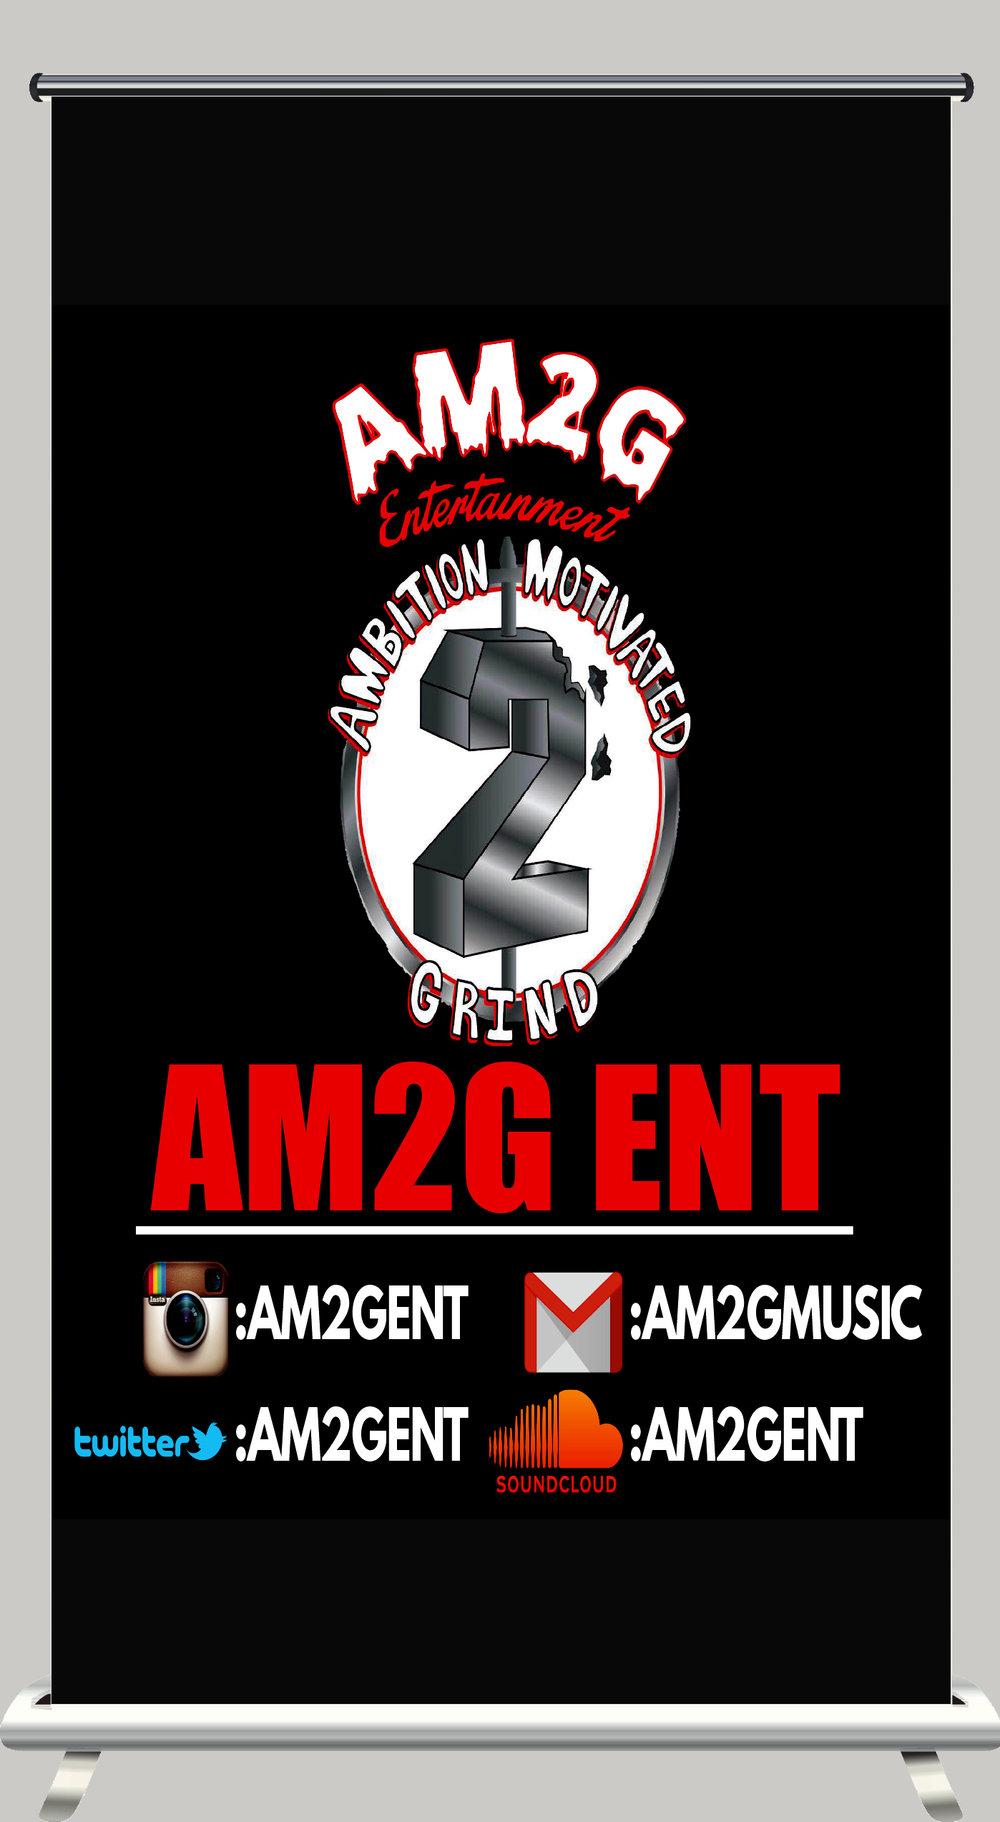 AM2G stand.jpg